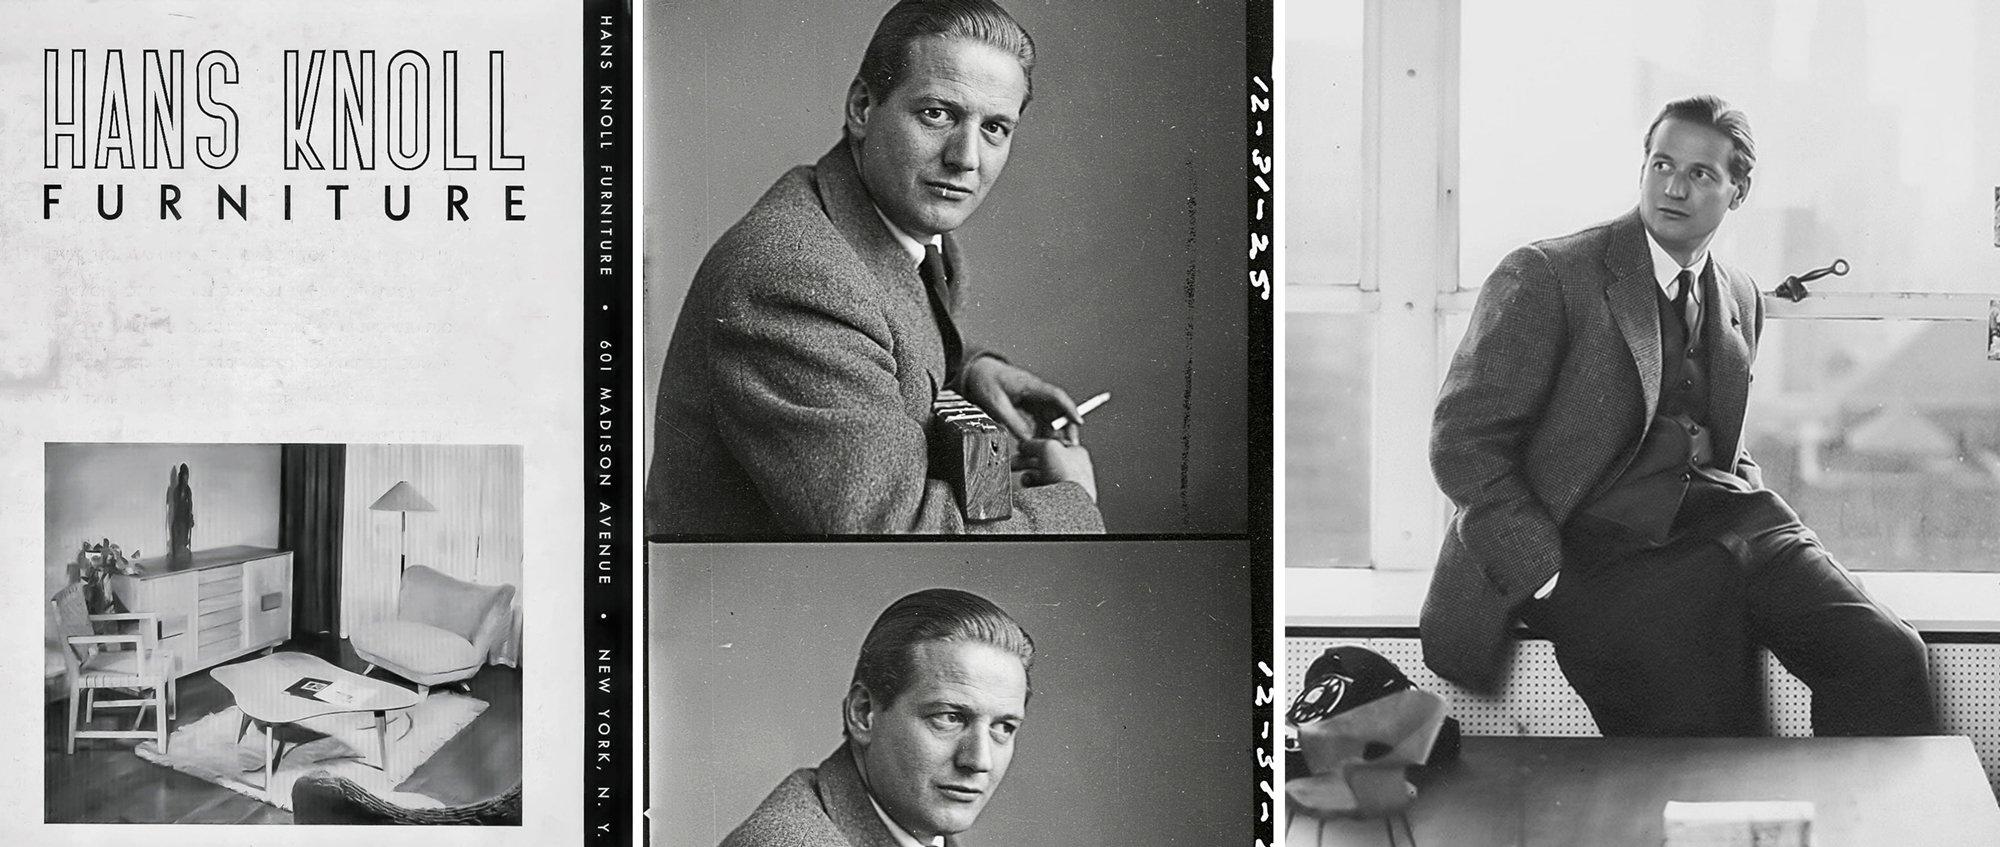 Hans Knoll